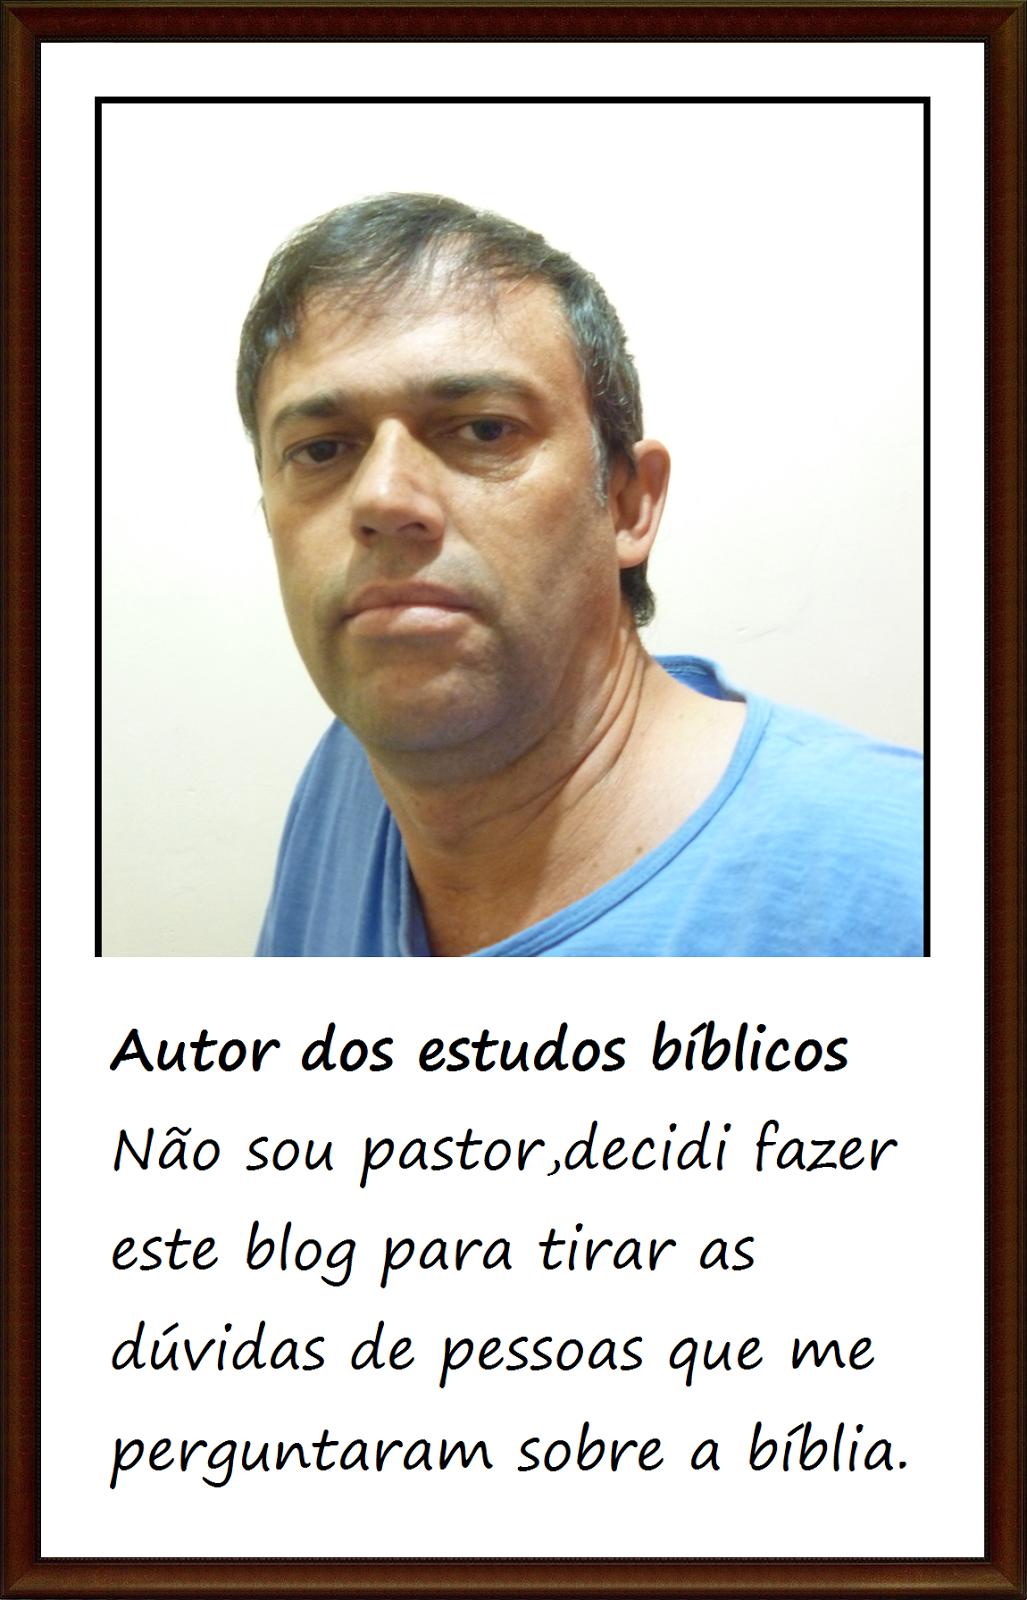 O autor dos estudos bíblicos